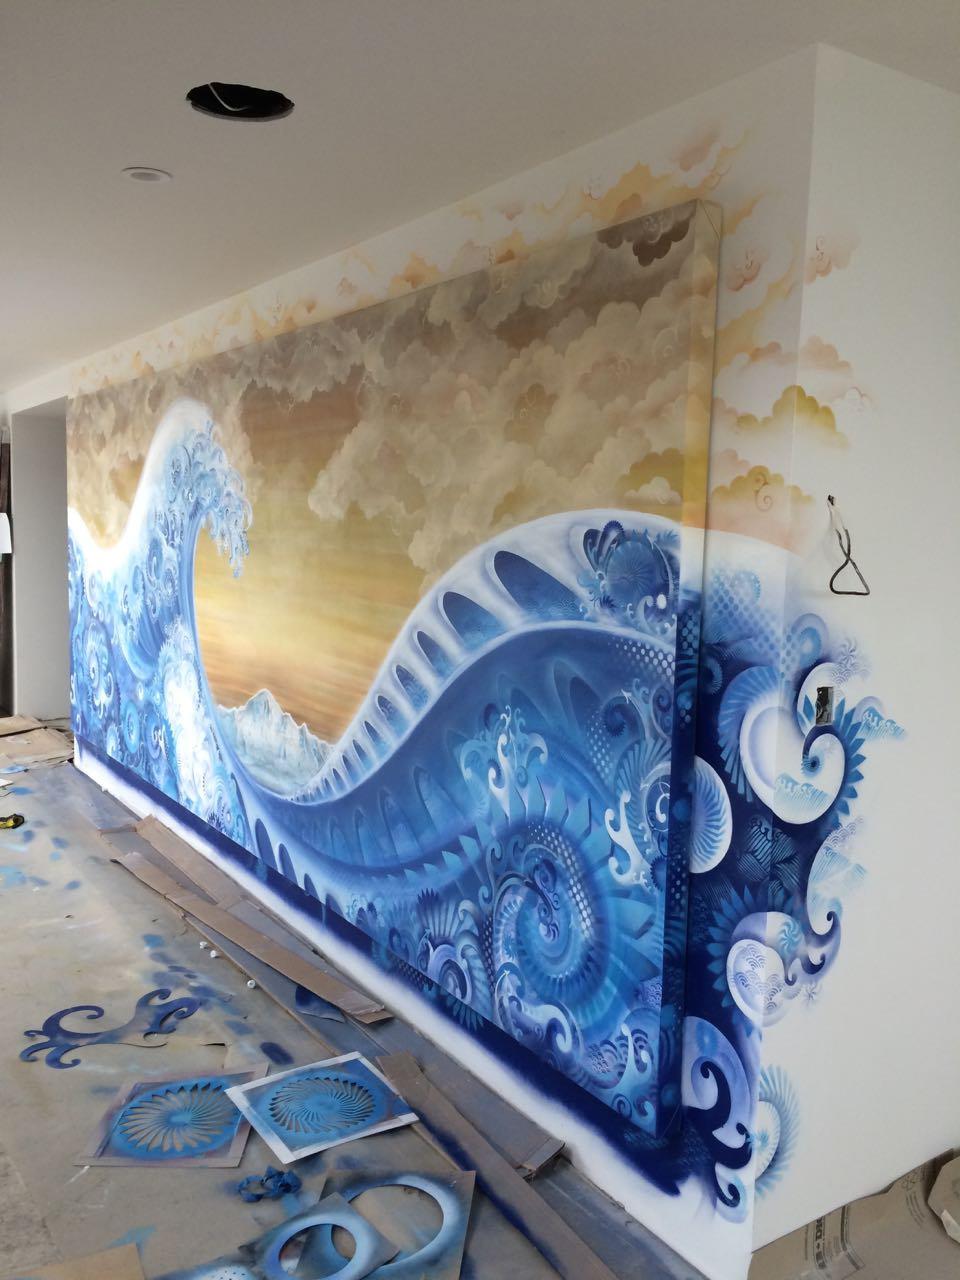 WakudaStudios_Murals_Wave_9_Yaletown_201